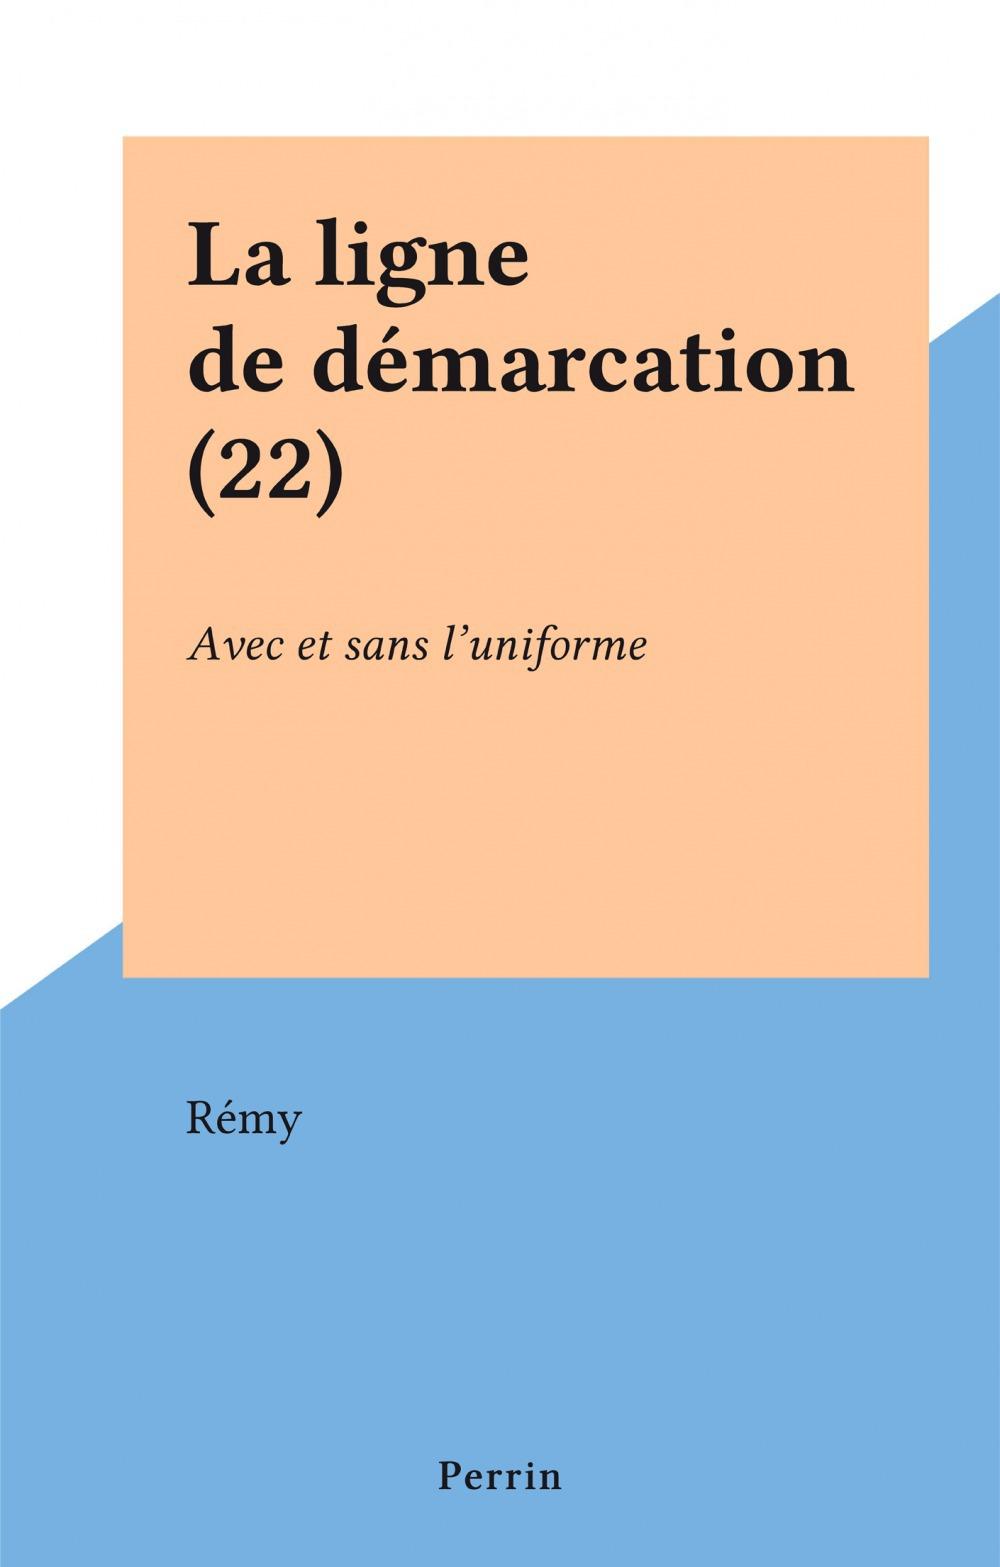 La ligne de démarcation (22)  - Rémy